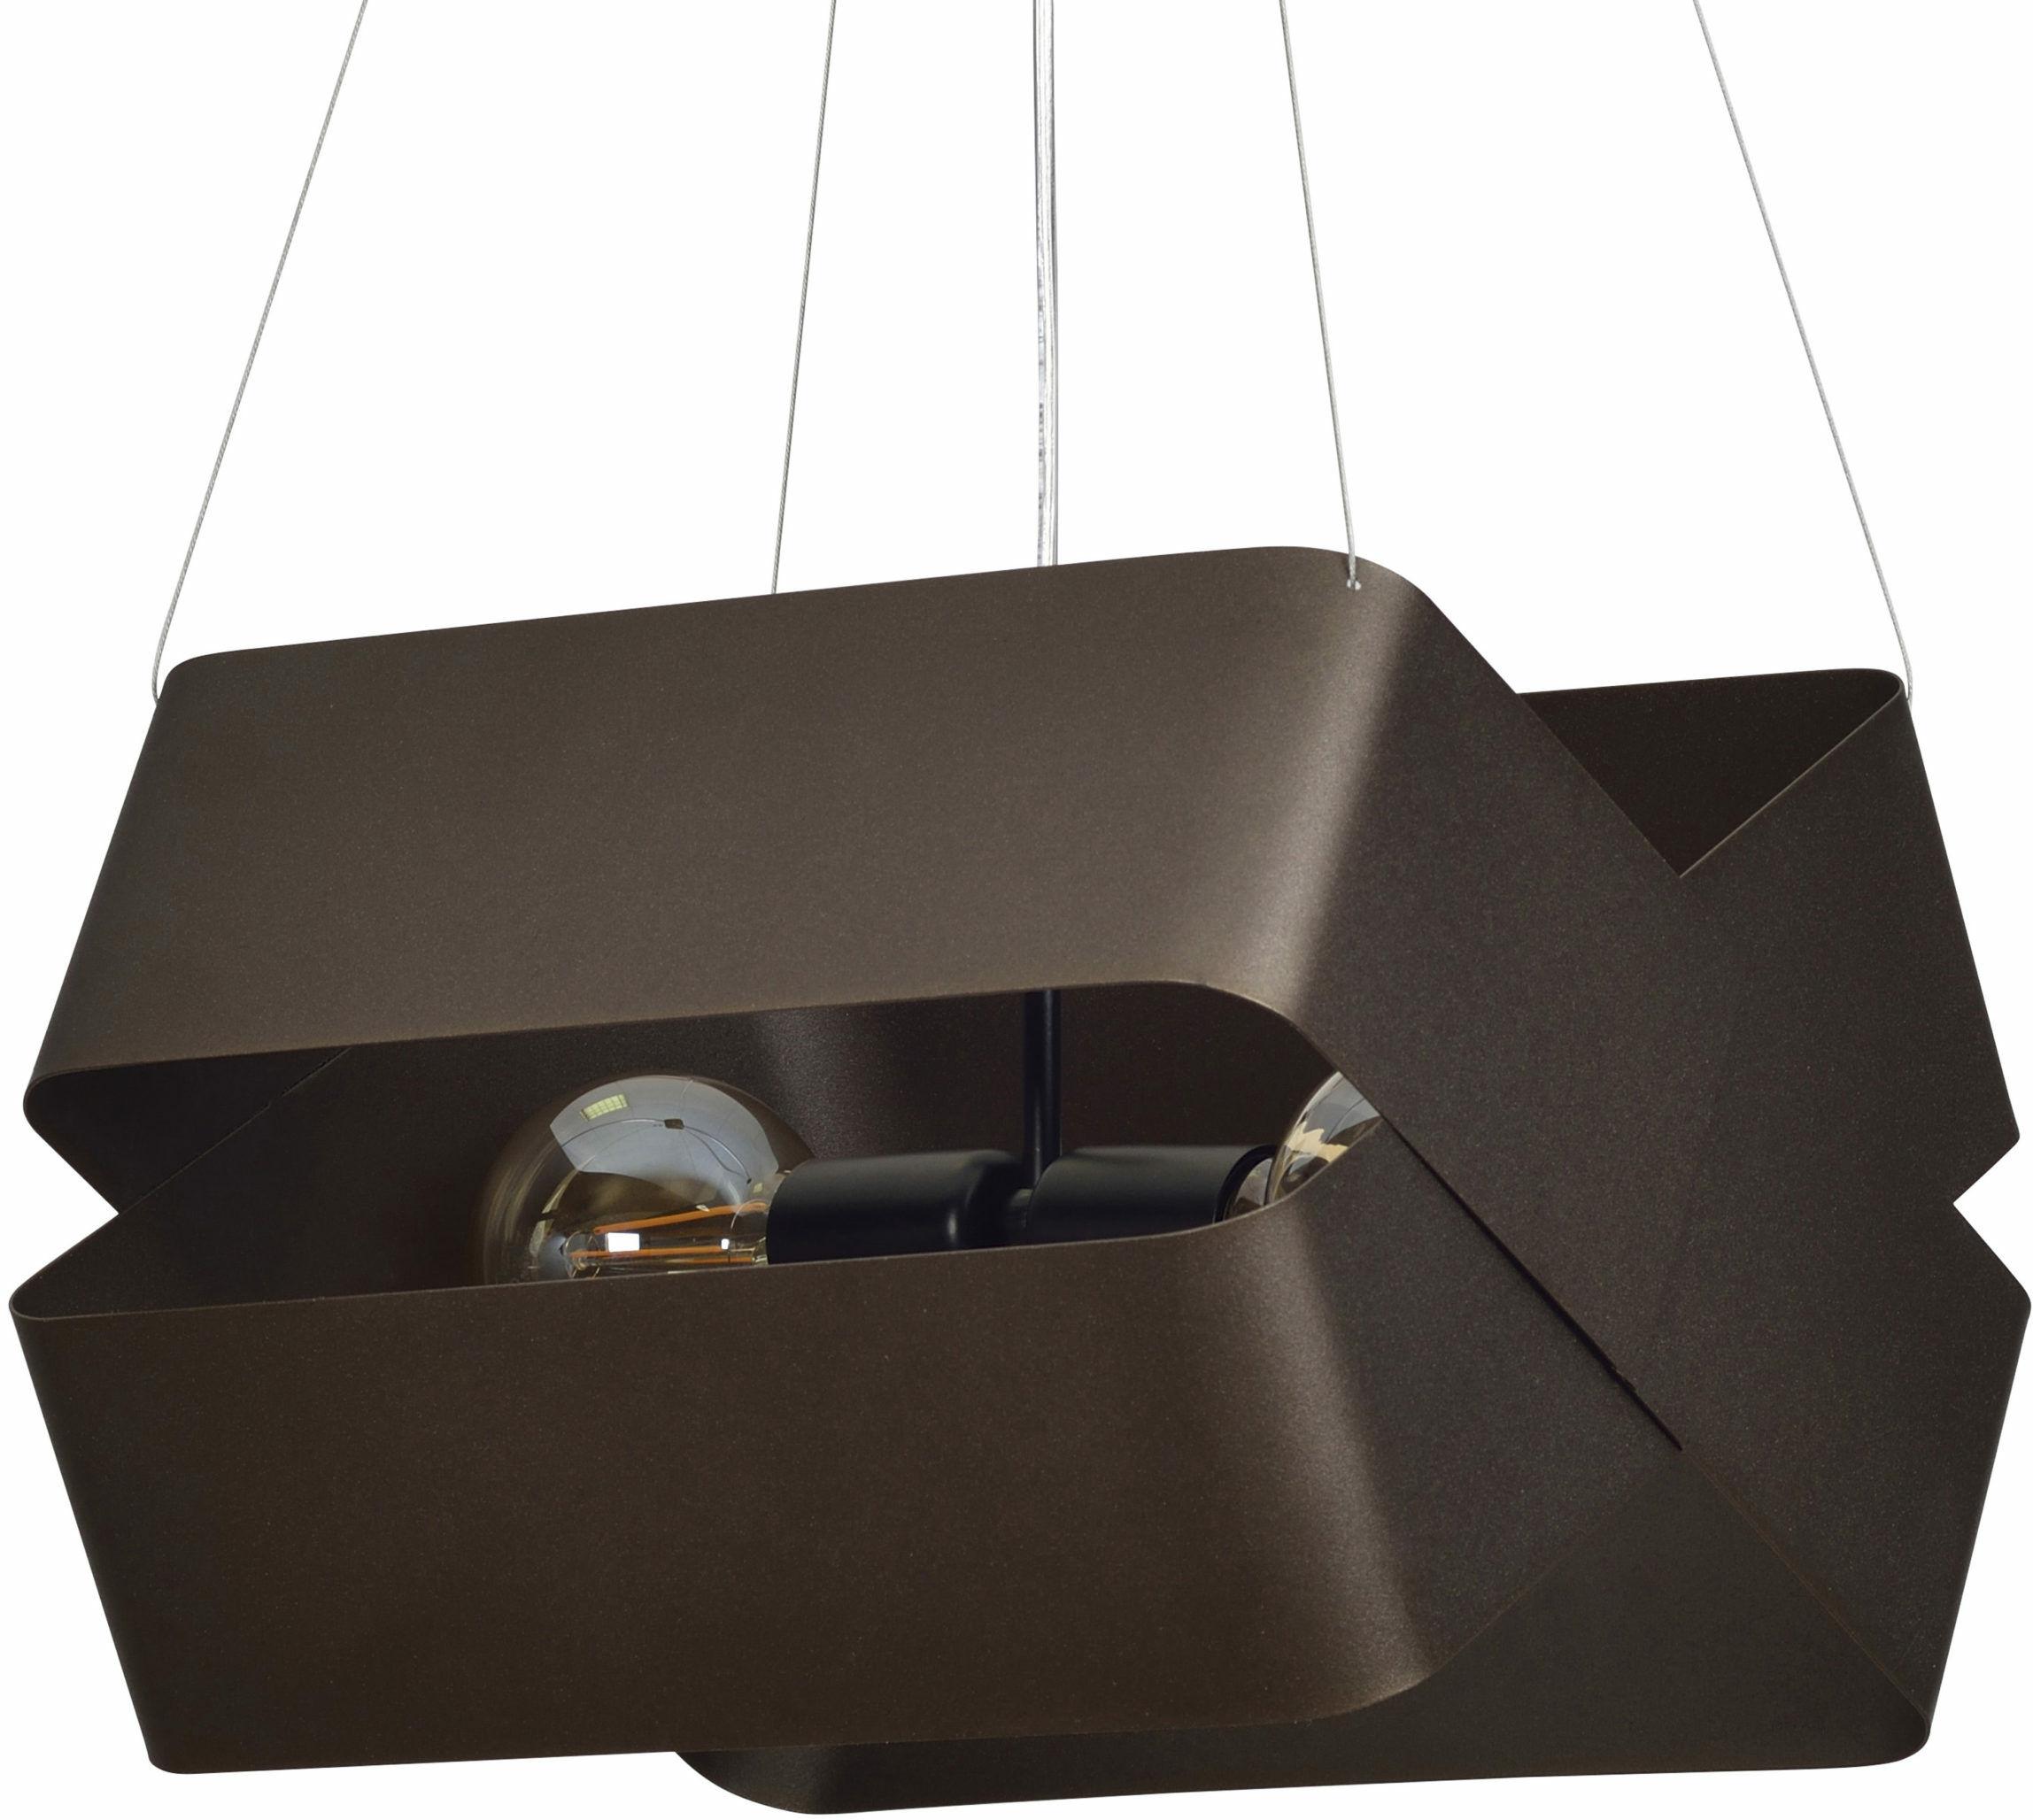 Emibig DELTA WENGE 445/4 lampa wisząca oryginalna brązowa regulowana metalowa 2x60W E27 36cm